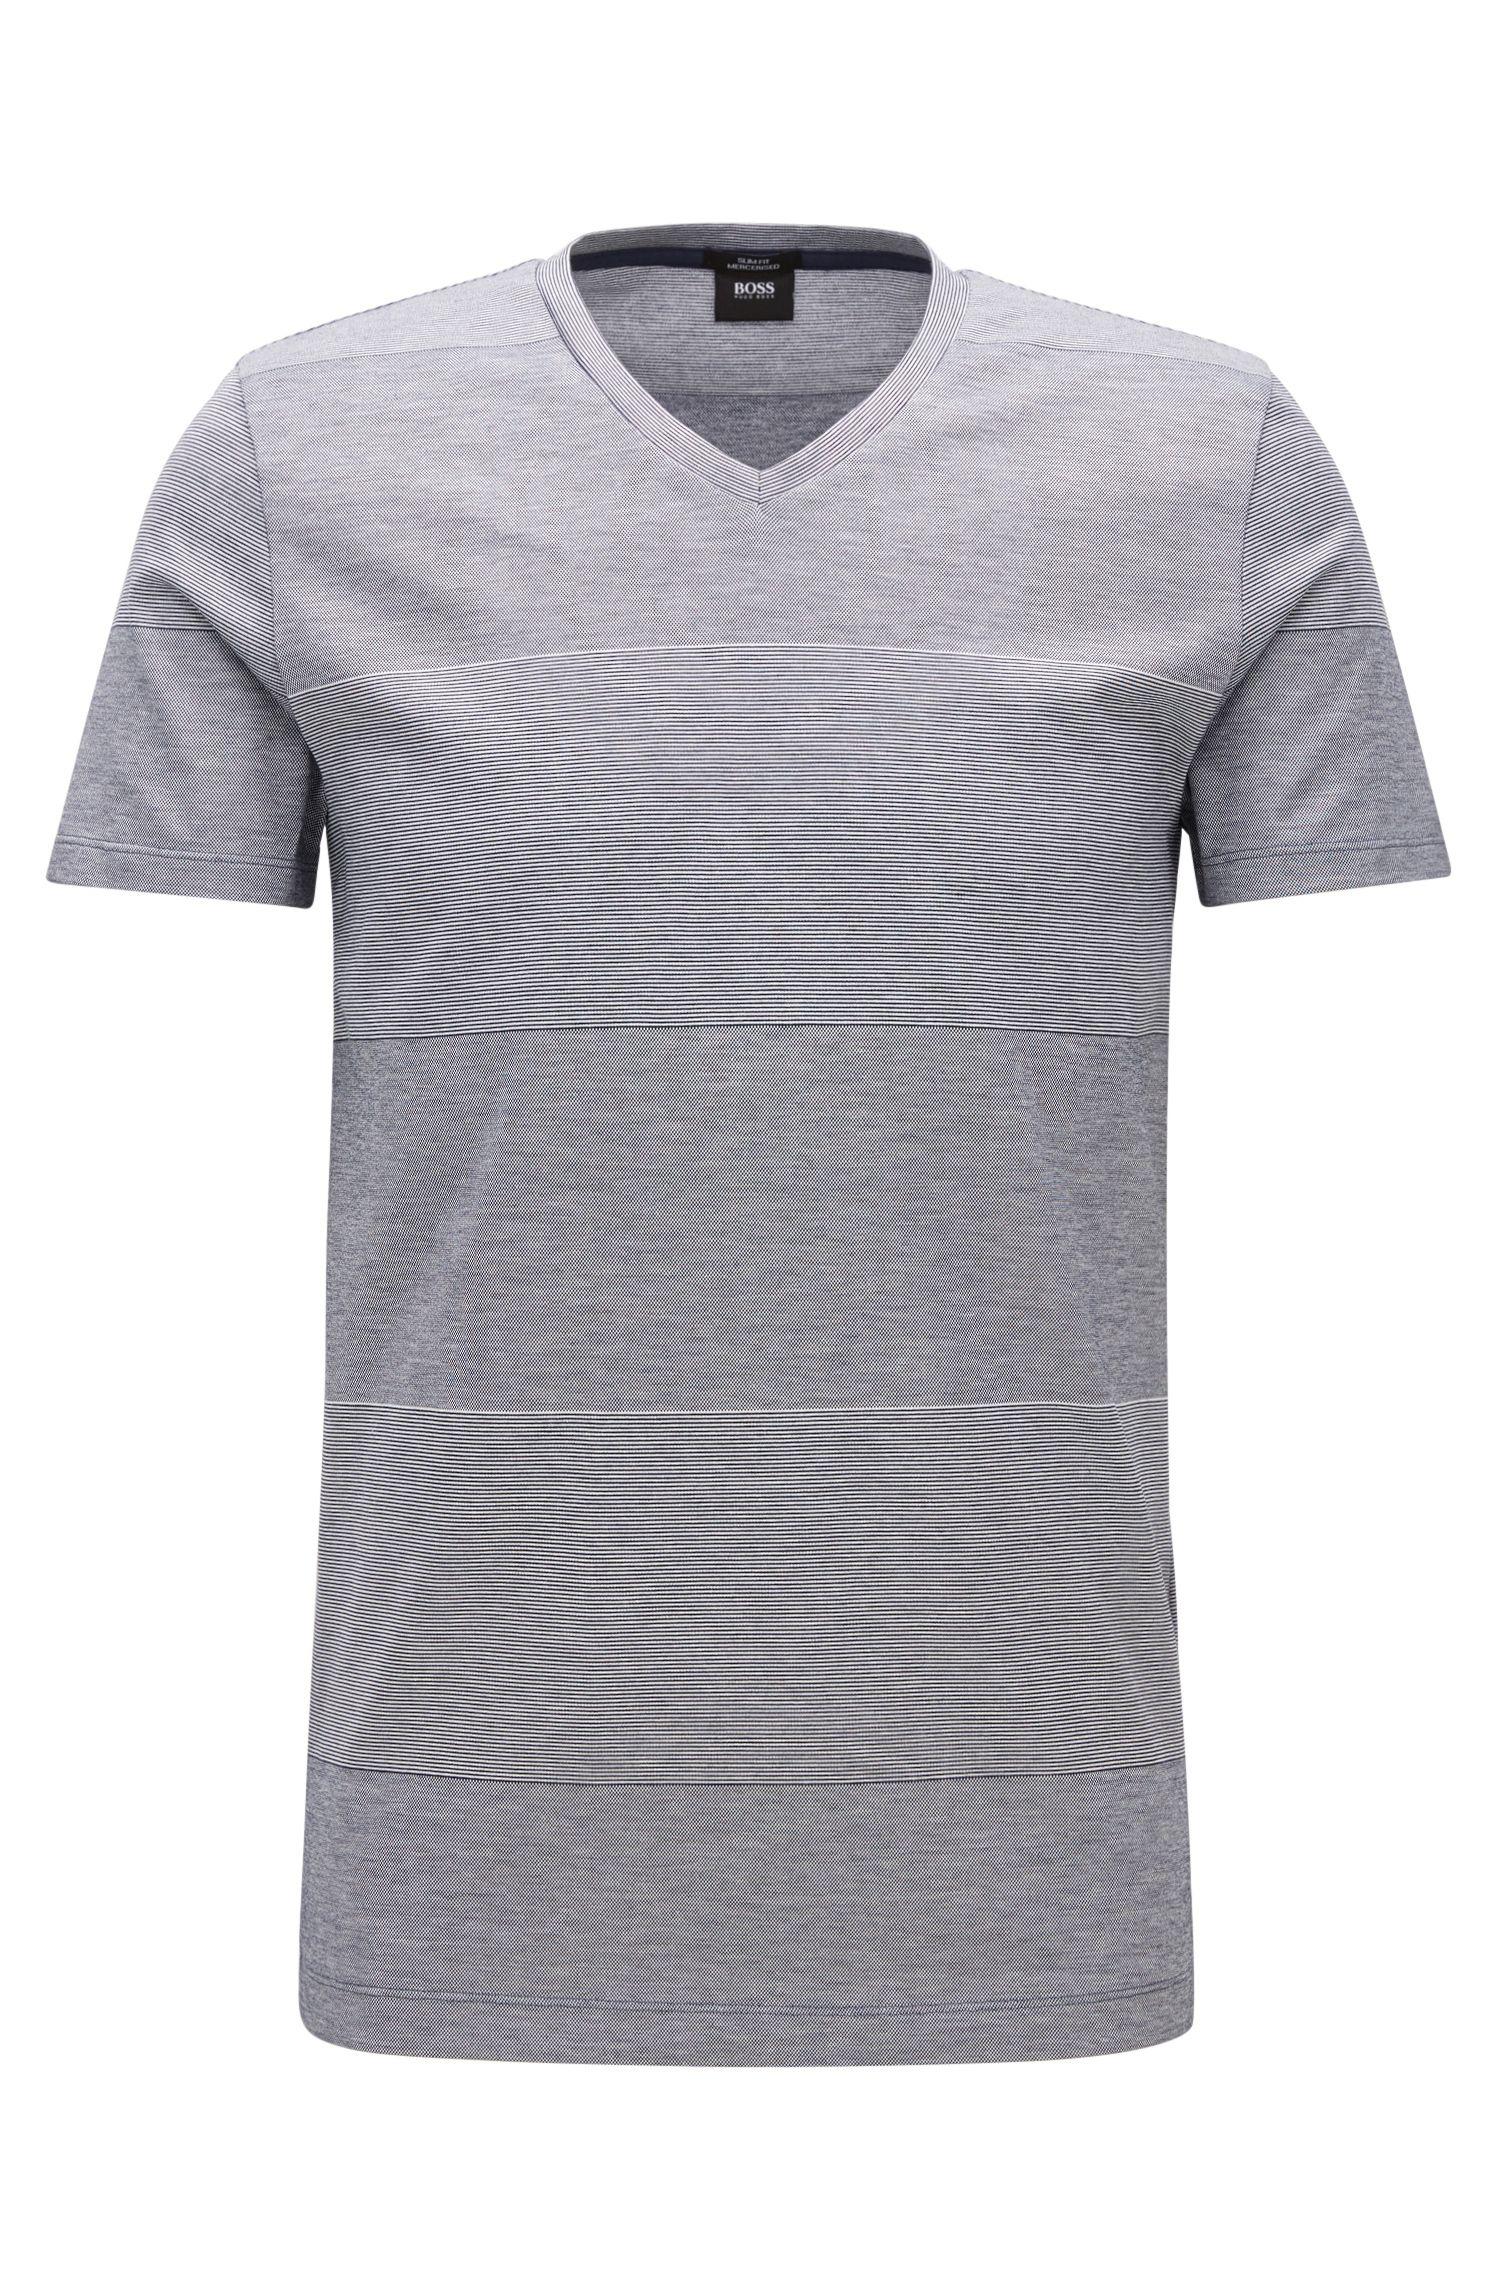 Camiseta slim fit a rayas anchas en algodón mercerizado